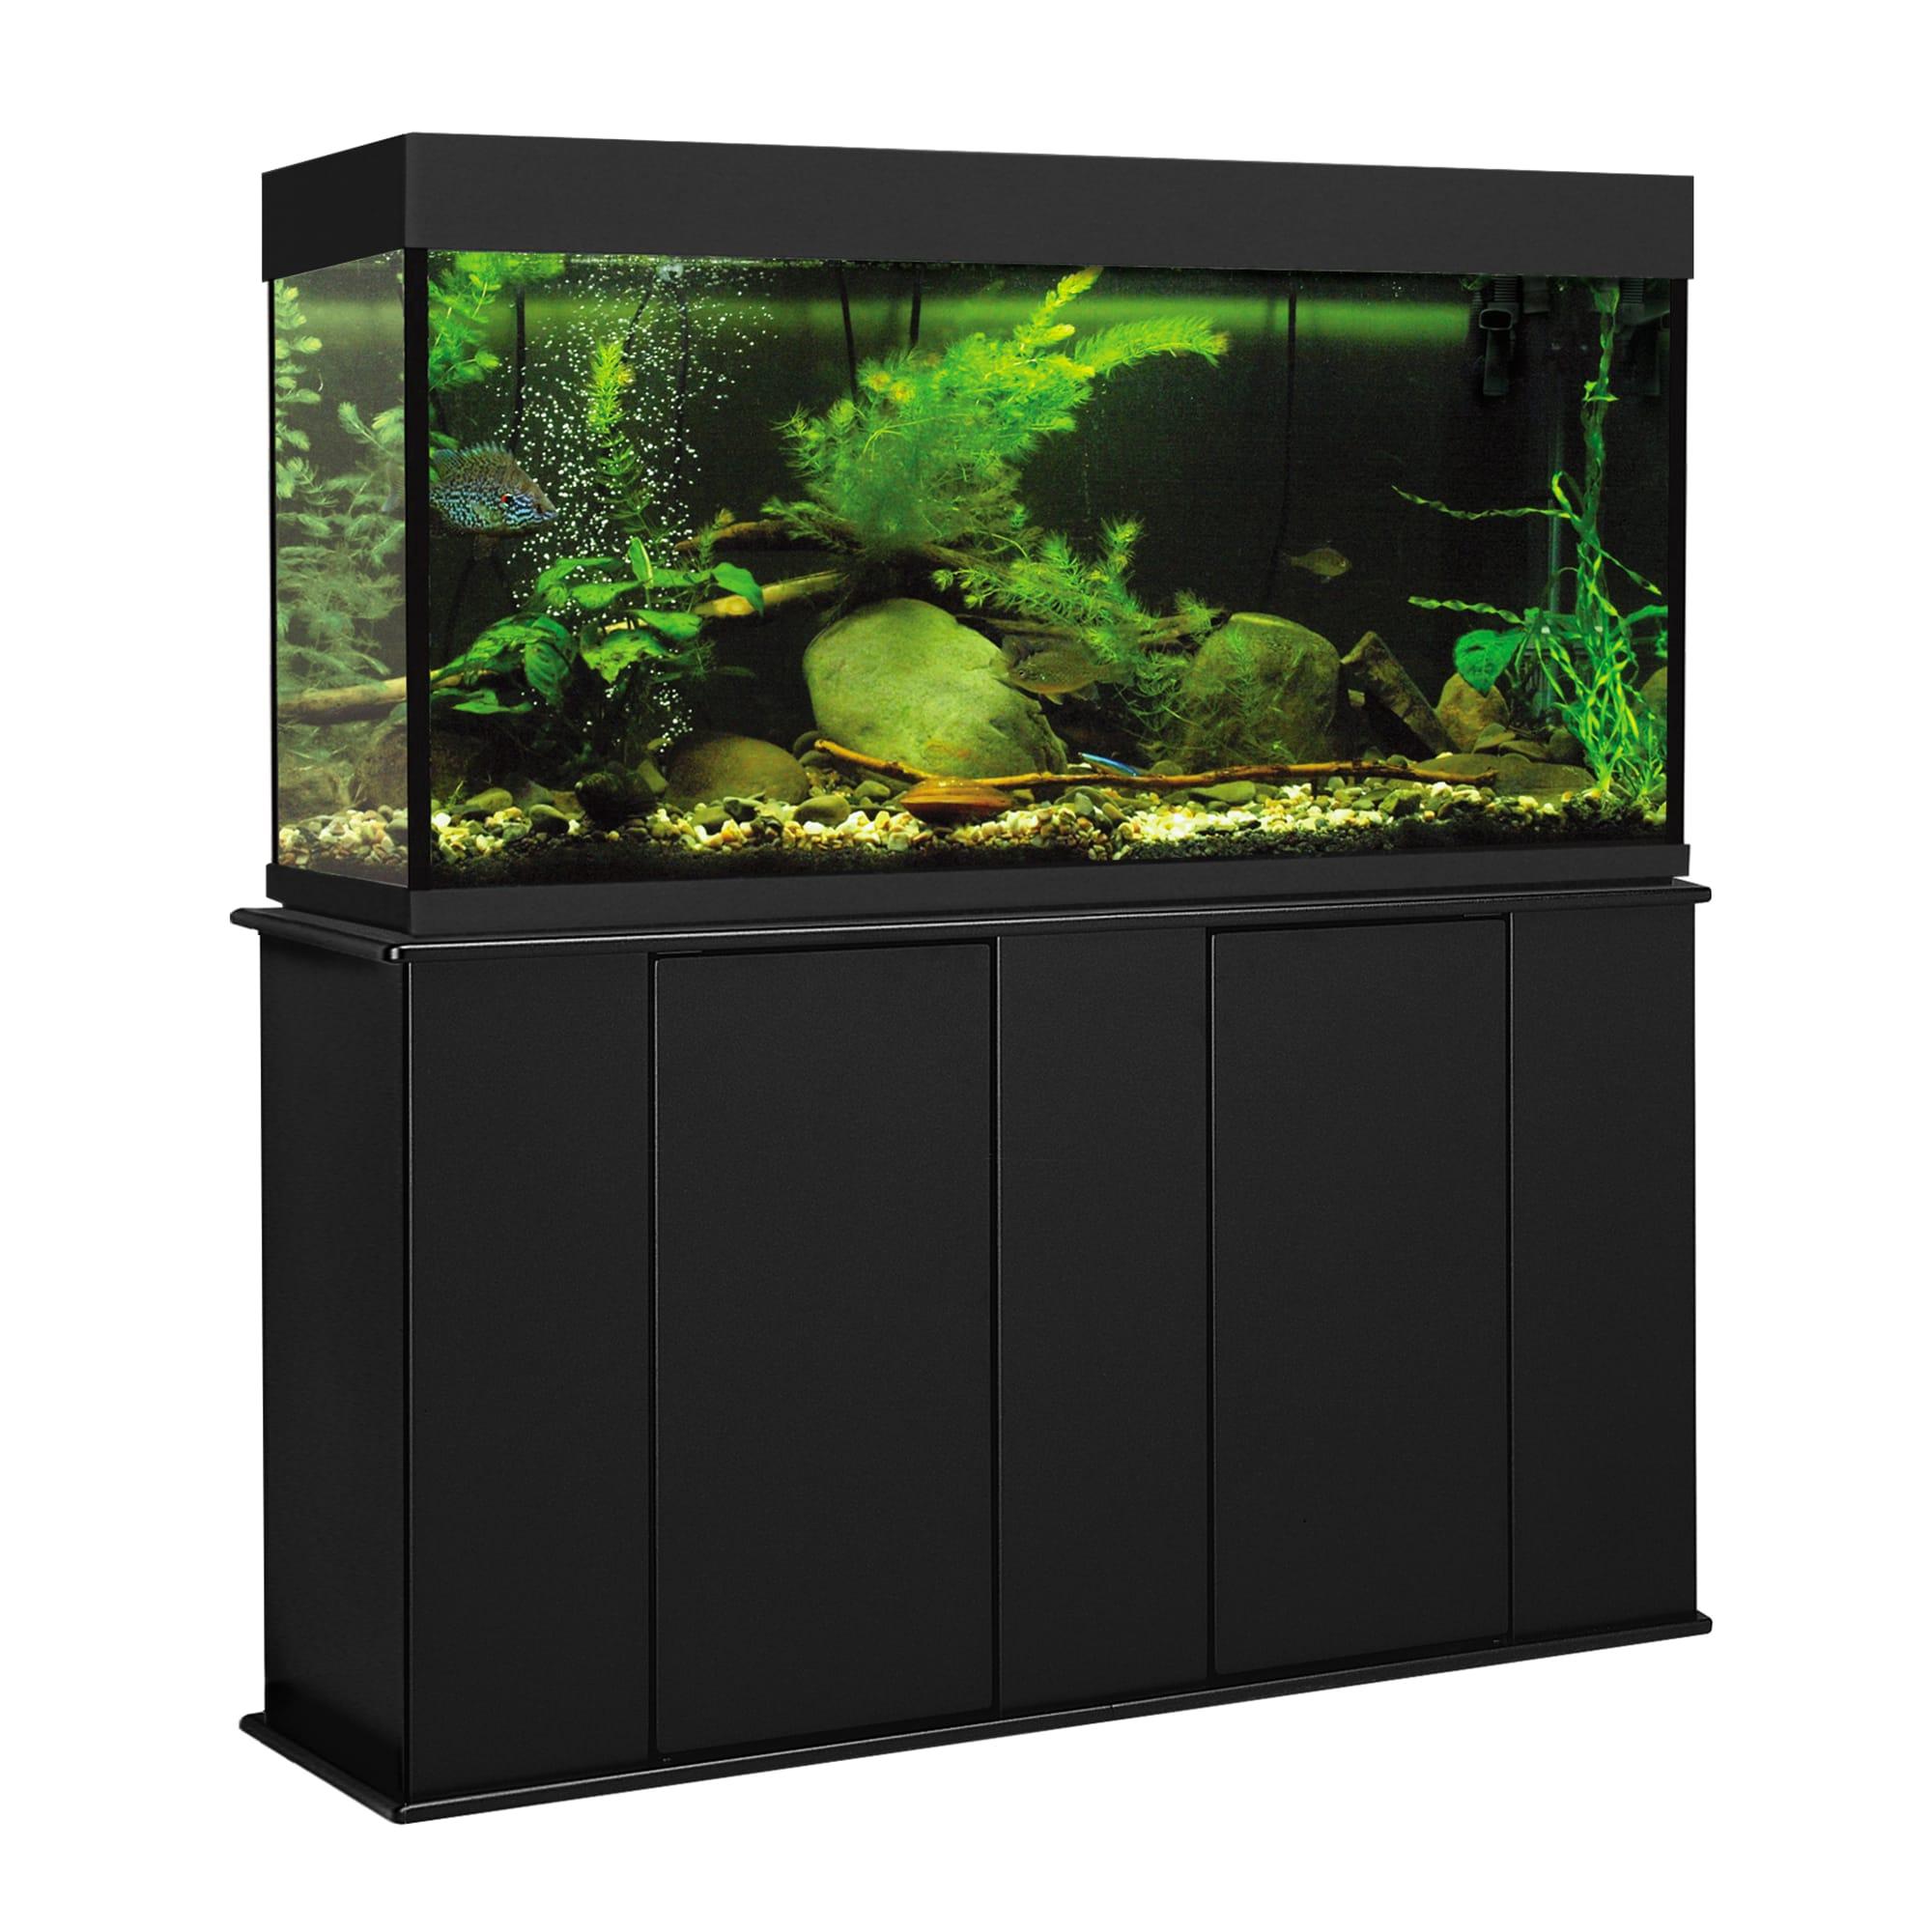 Aquatic Fundamentals Black Upright Aquarium Stand For 55 Gallon Aquariums Petco